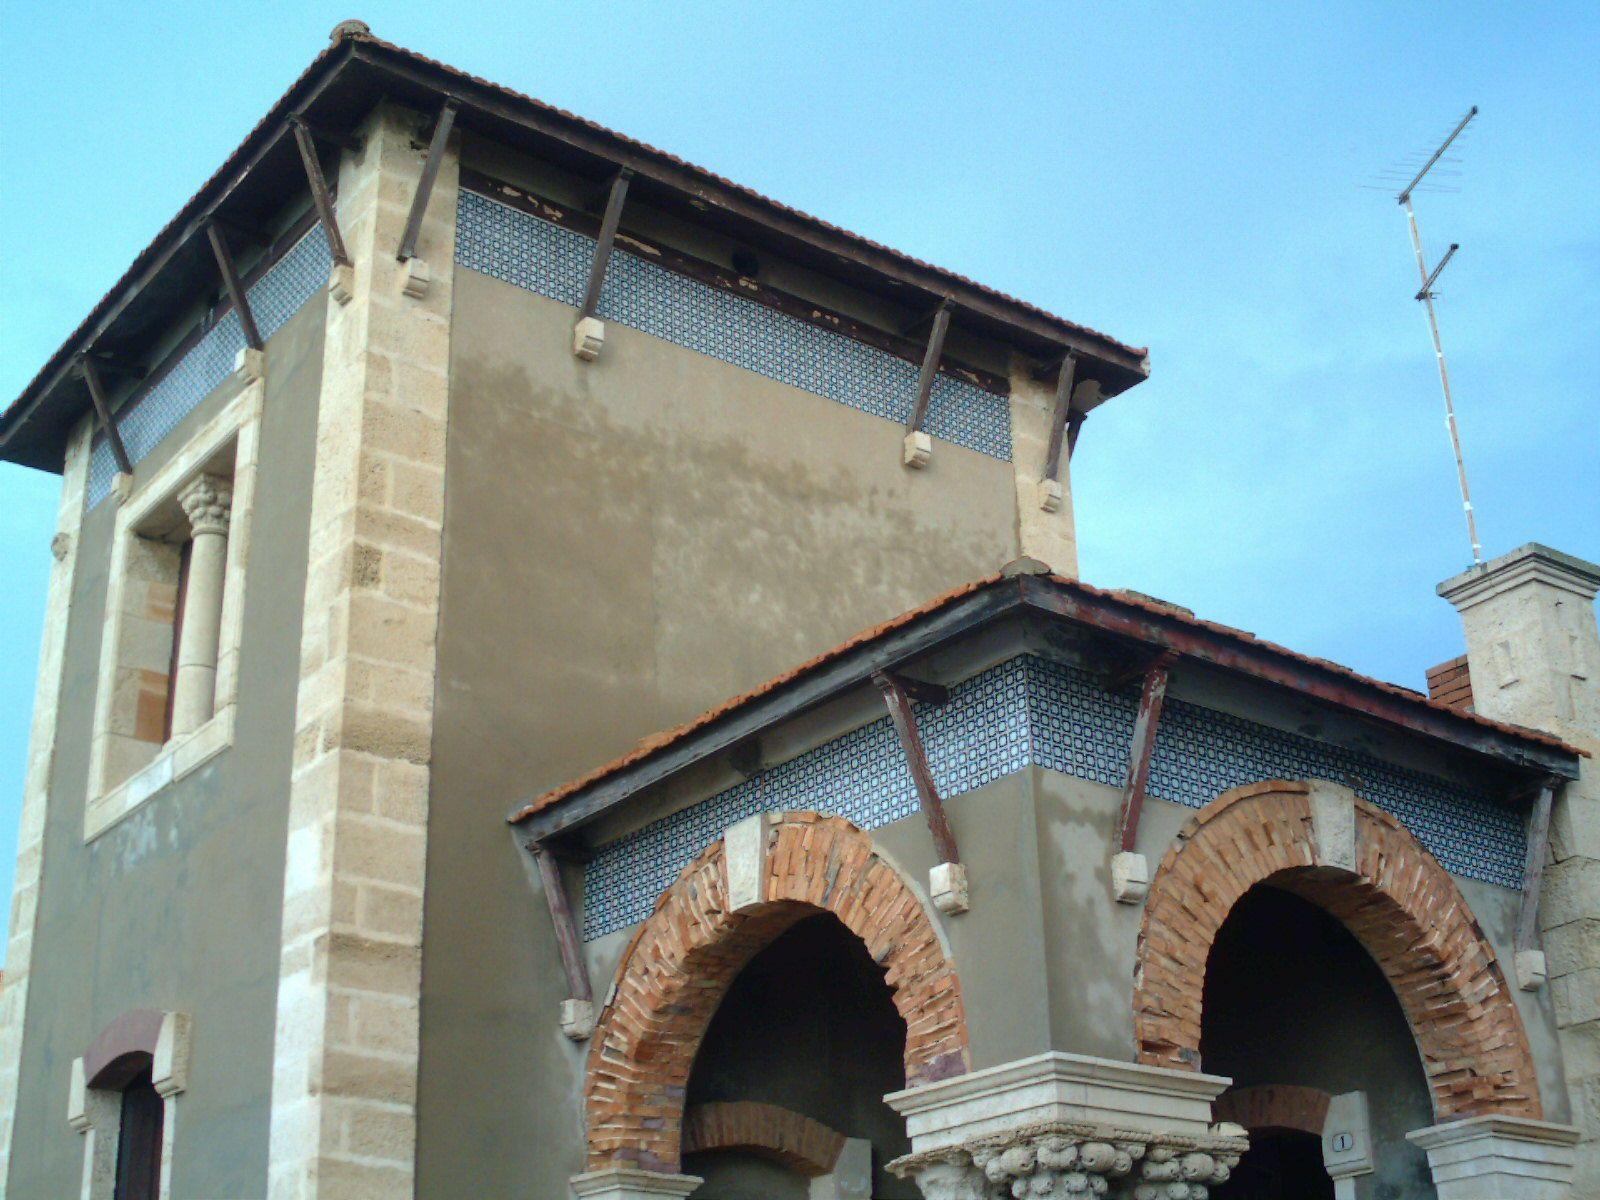 Restauro conservativo di una villa a marina di ragusa for Restauro conservativo